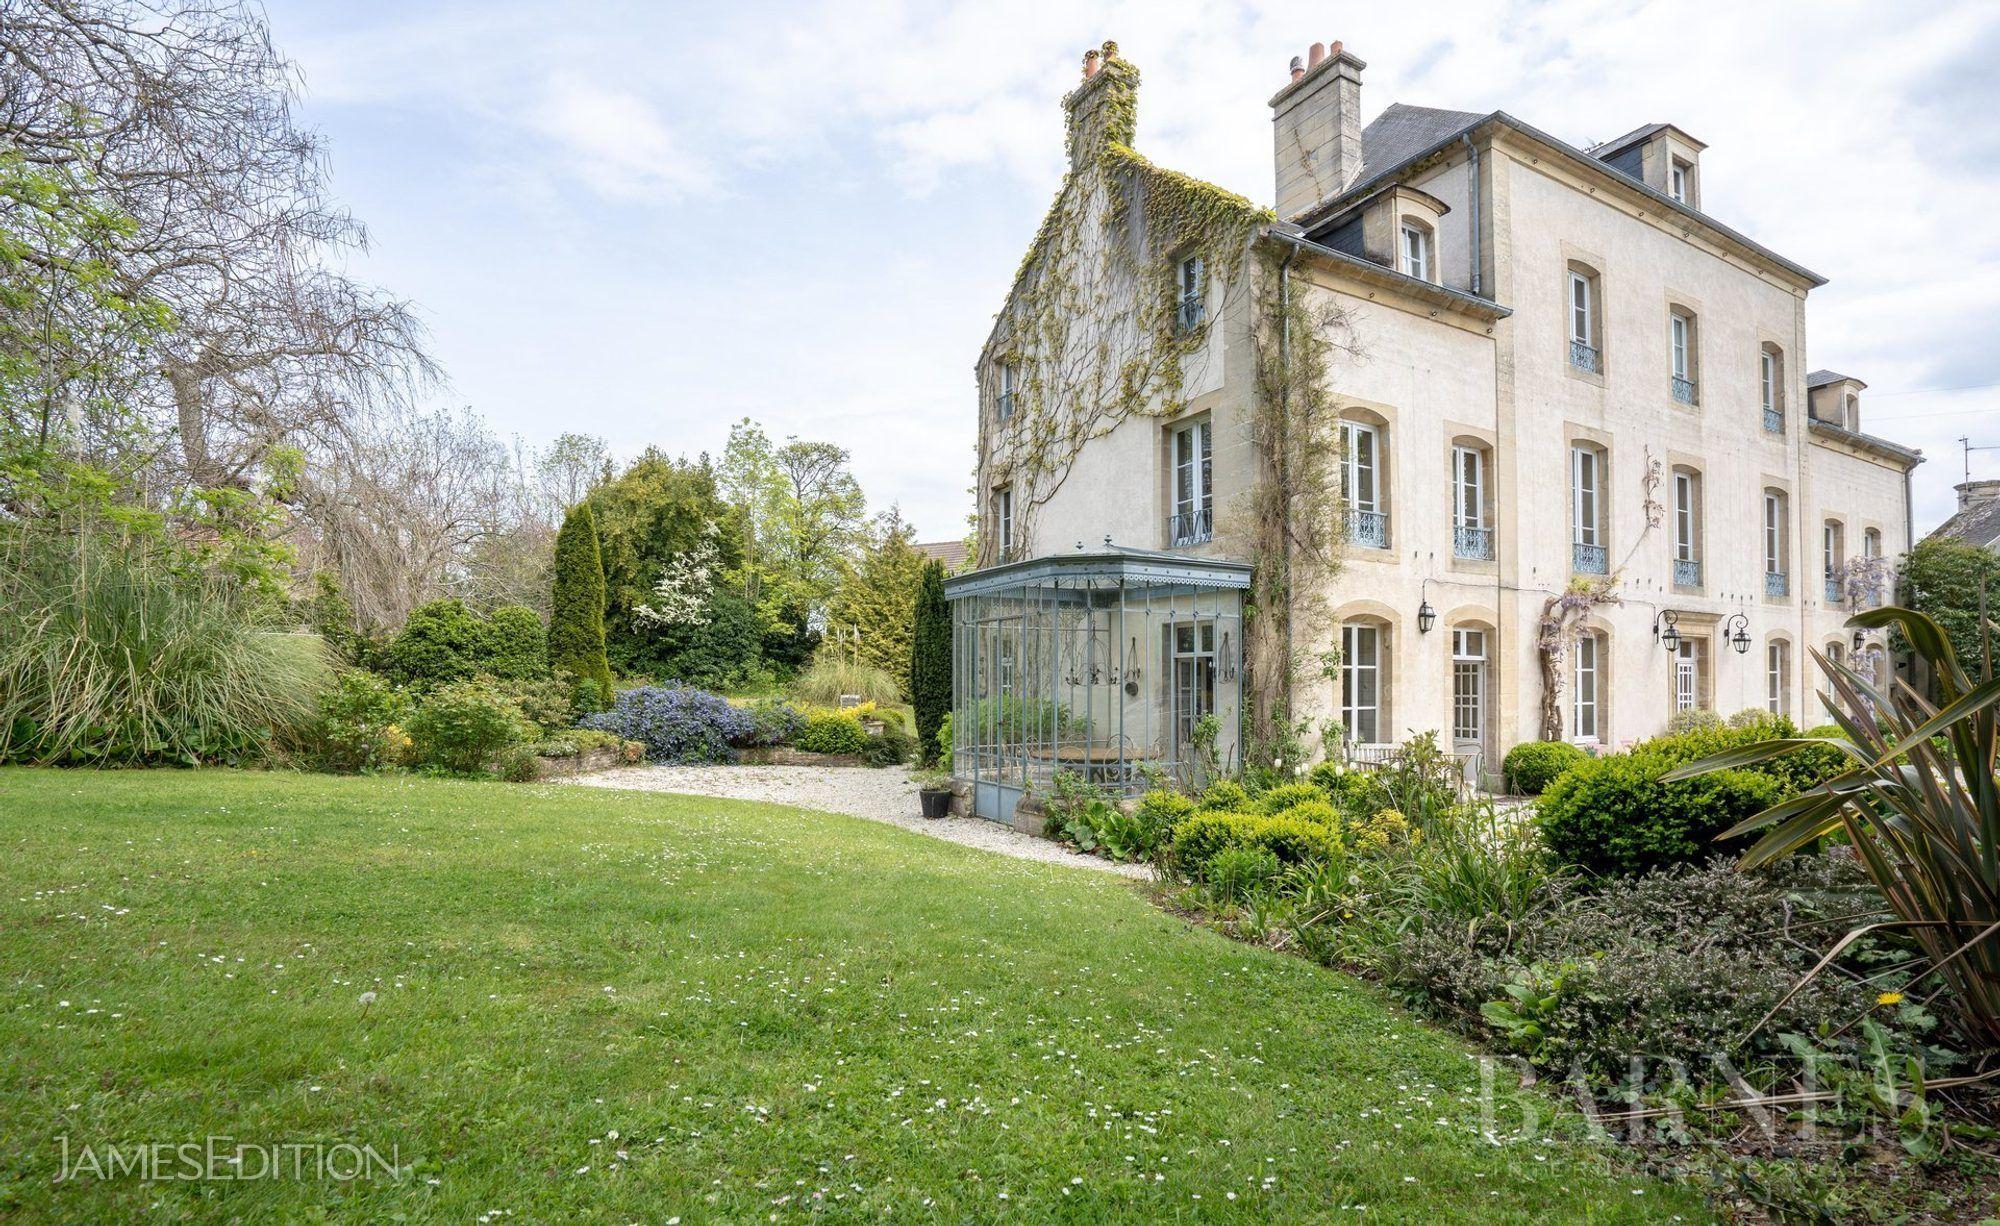 Sale - House Douvres La Delivrande pour Piscine Douvres La Délivrande